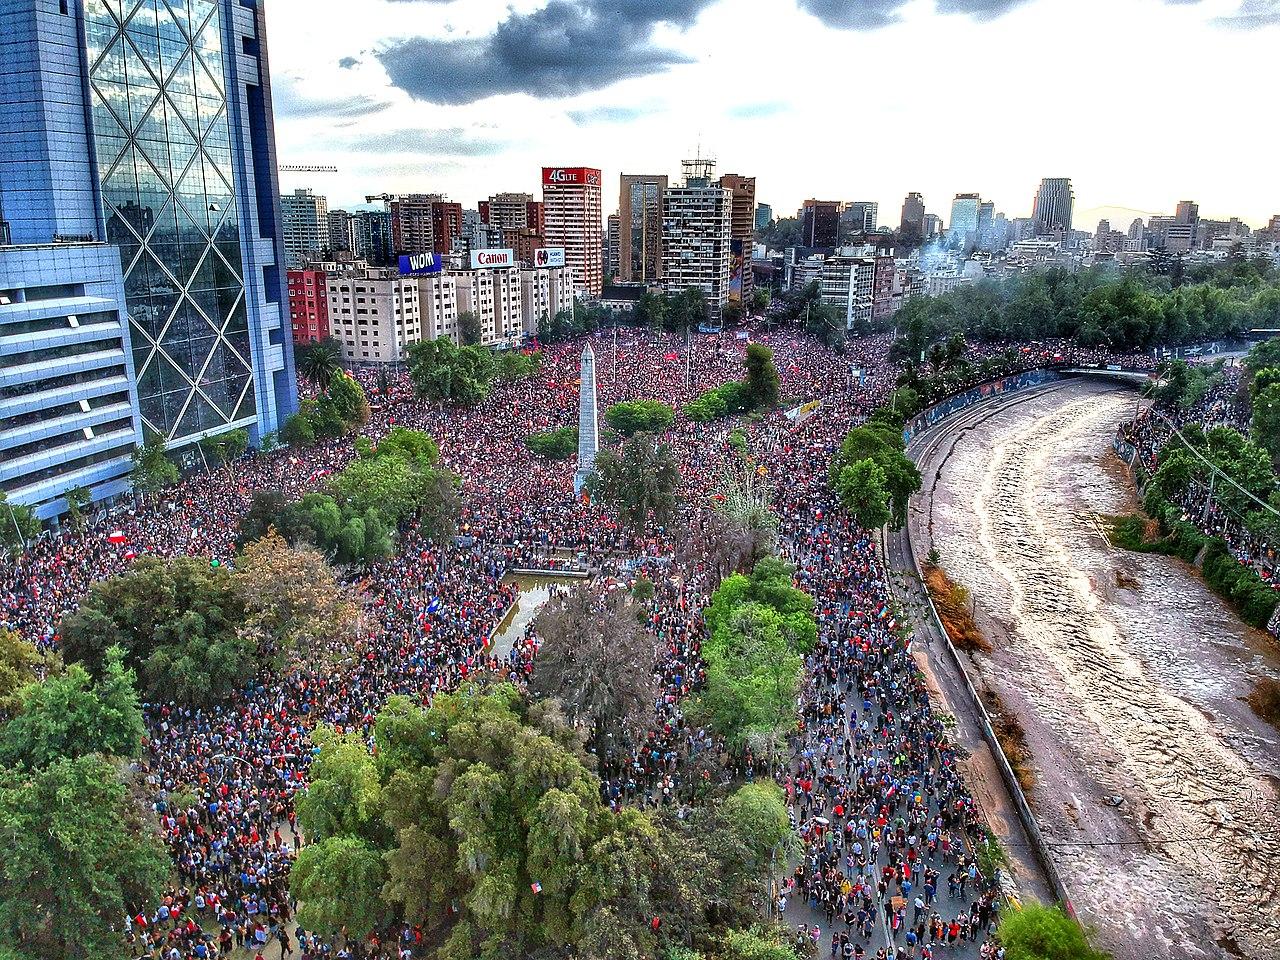 Marcha Mas Grande De Chile 2019 Plaza Baquedano Drone.jpg